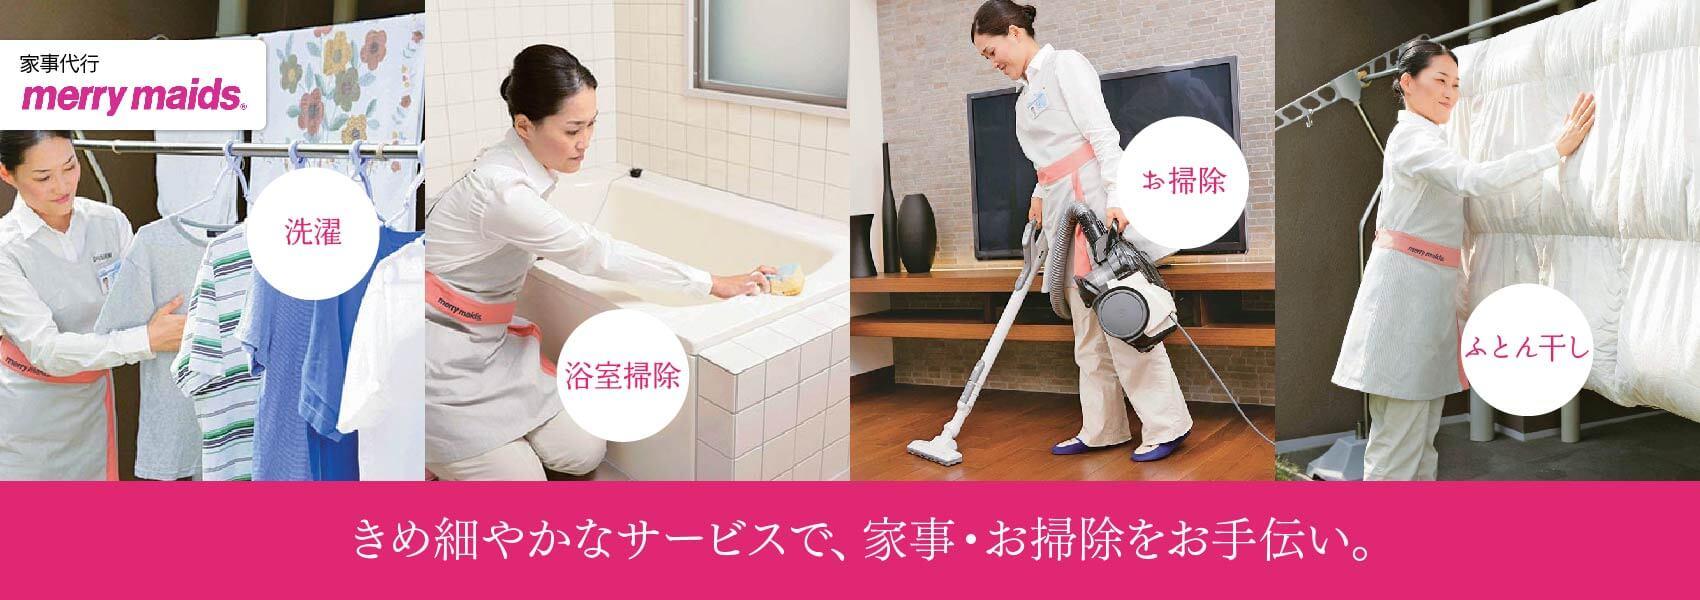 きめ細やかなサービスで、家事・お掃除をお手伝い。